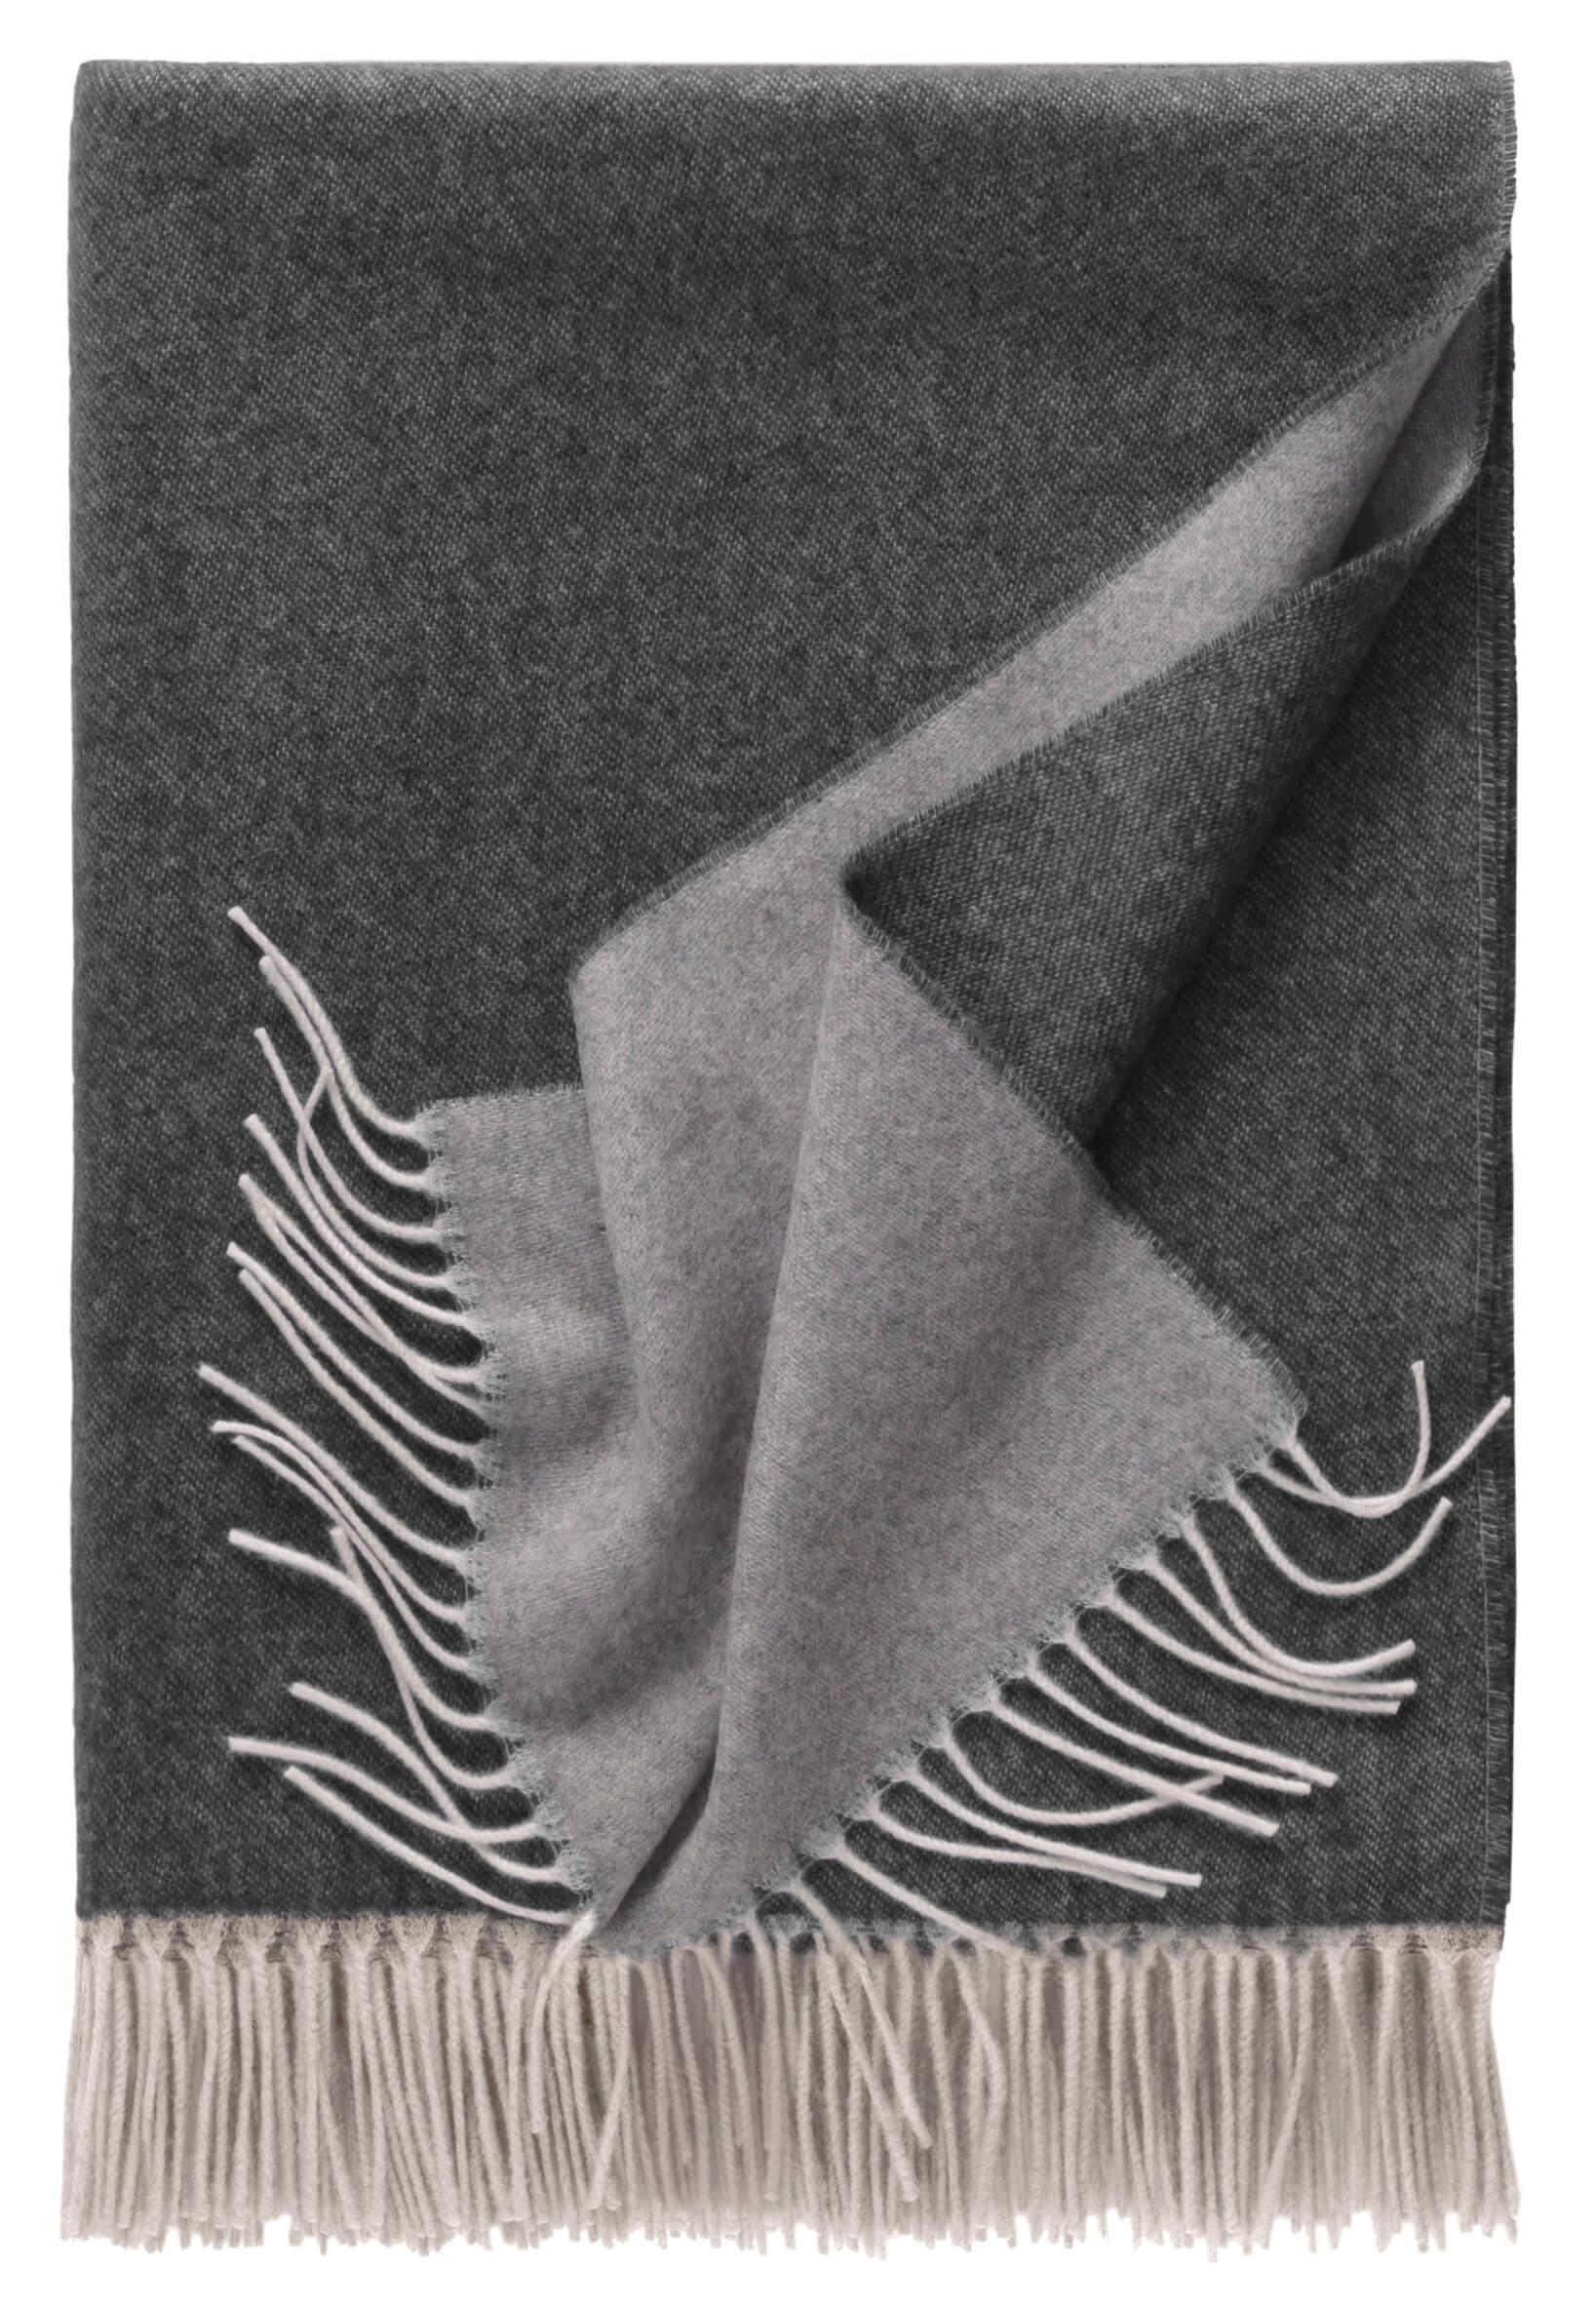 Bild von Alassio111, Variante anthrazit-silber